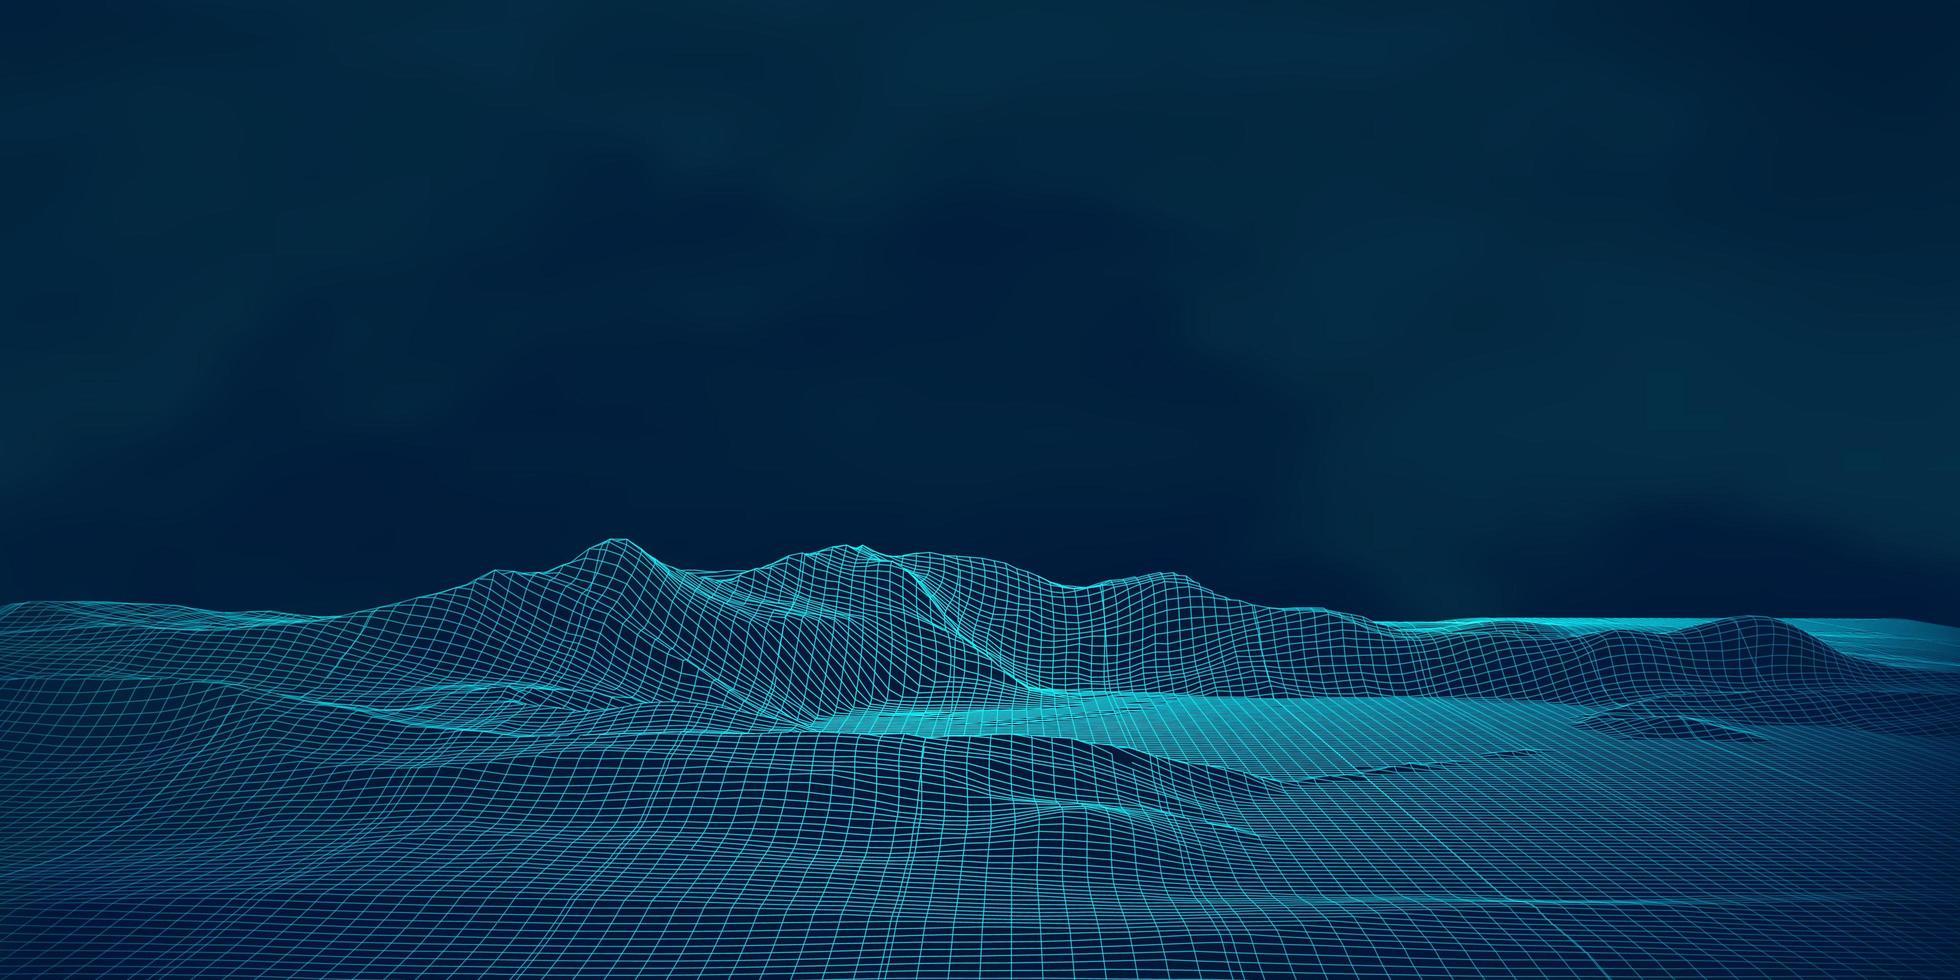 paesaggio digitale wireframe techno vettore